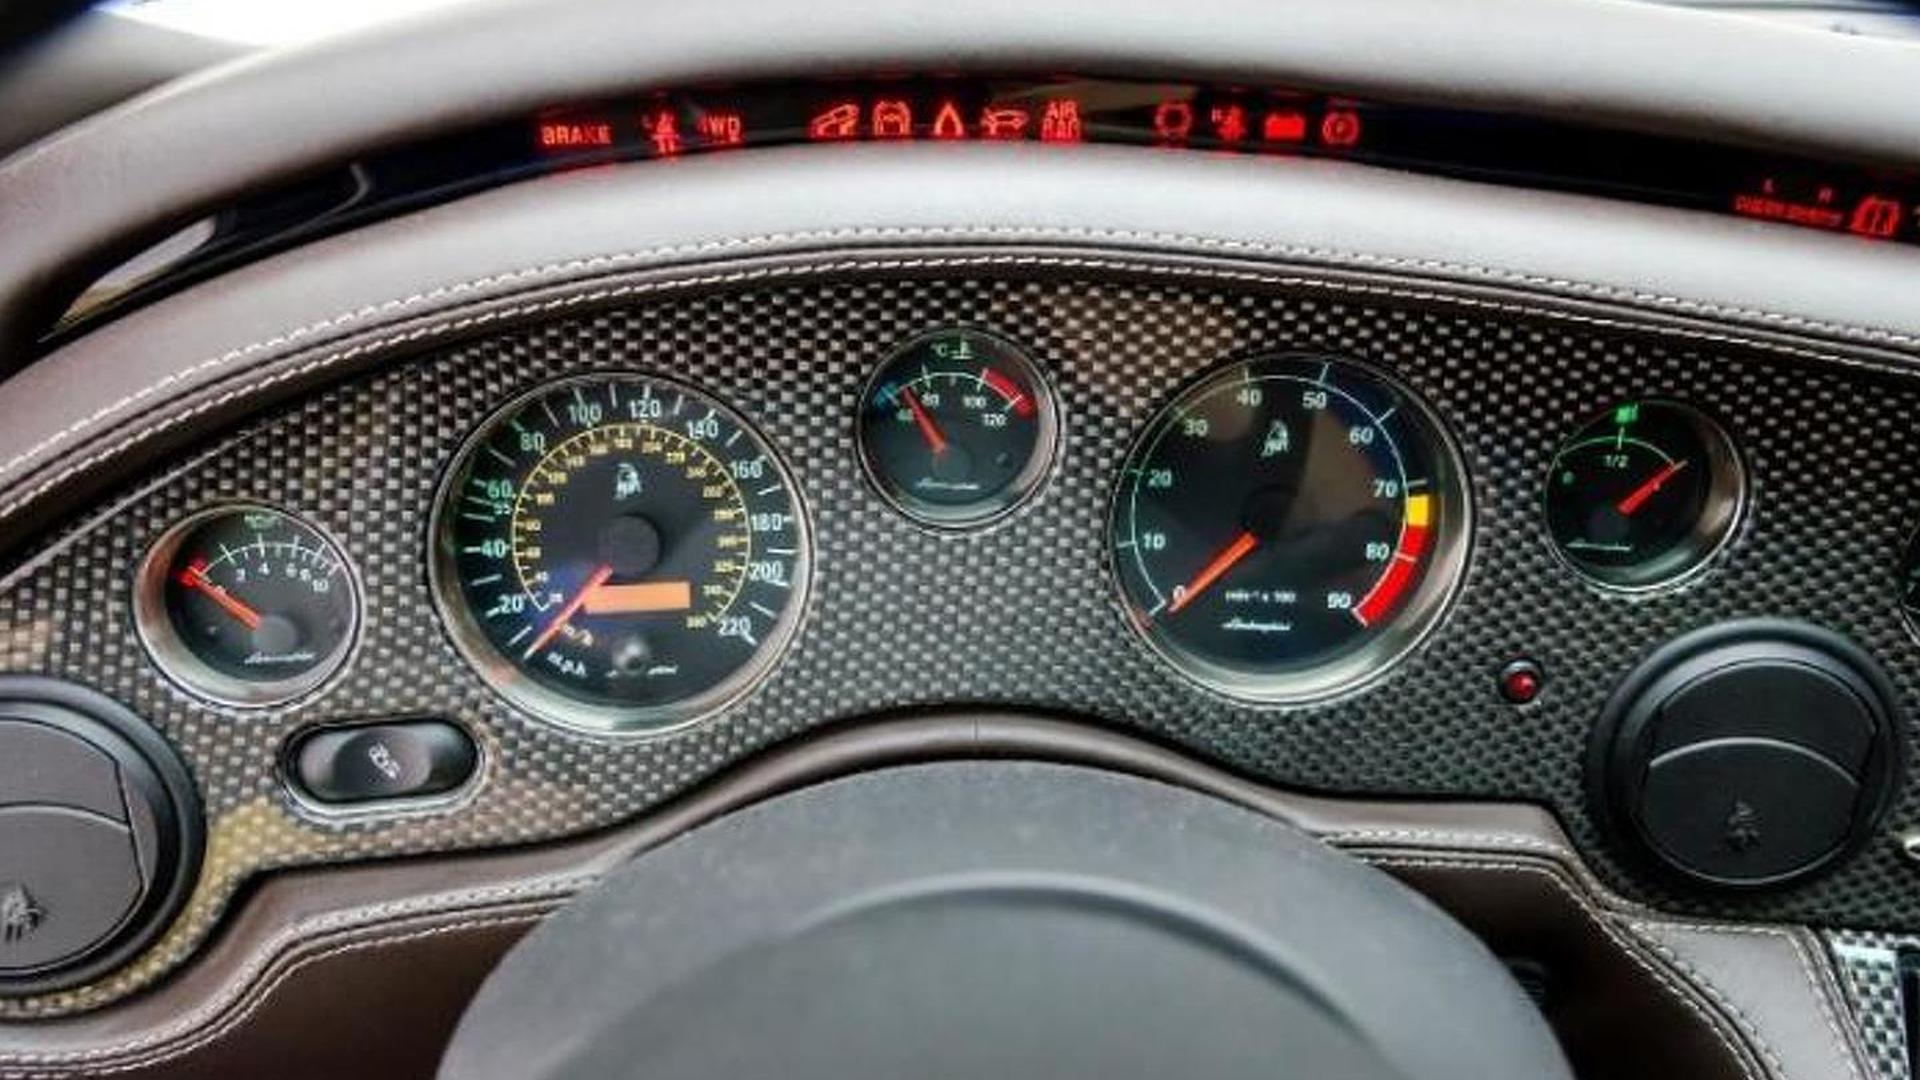 Приборная панель Lamborghini Diablo 6.0 SE